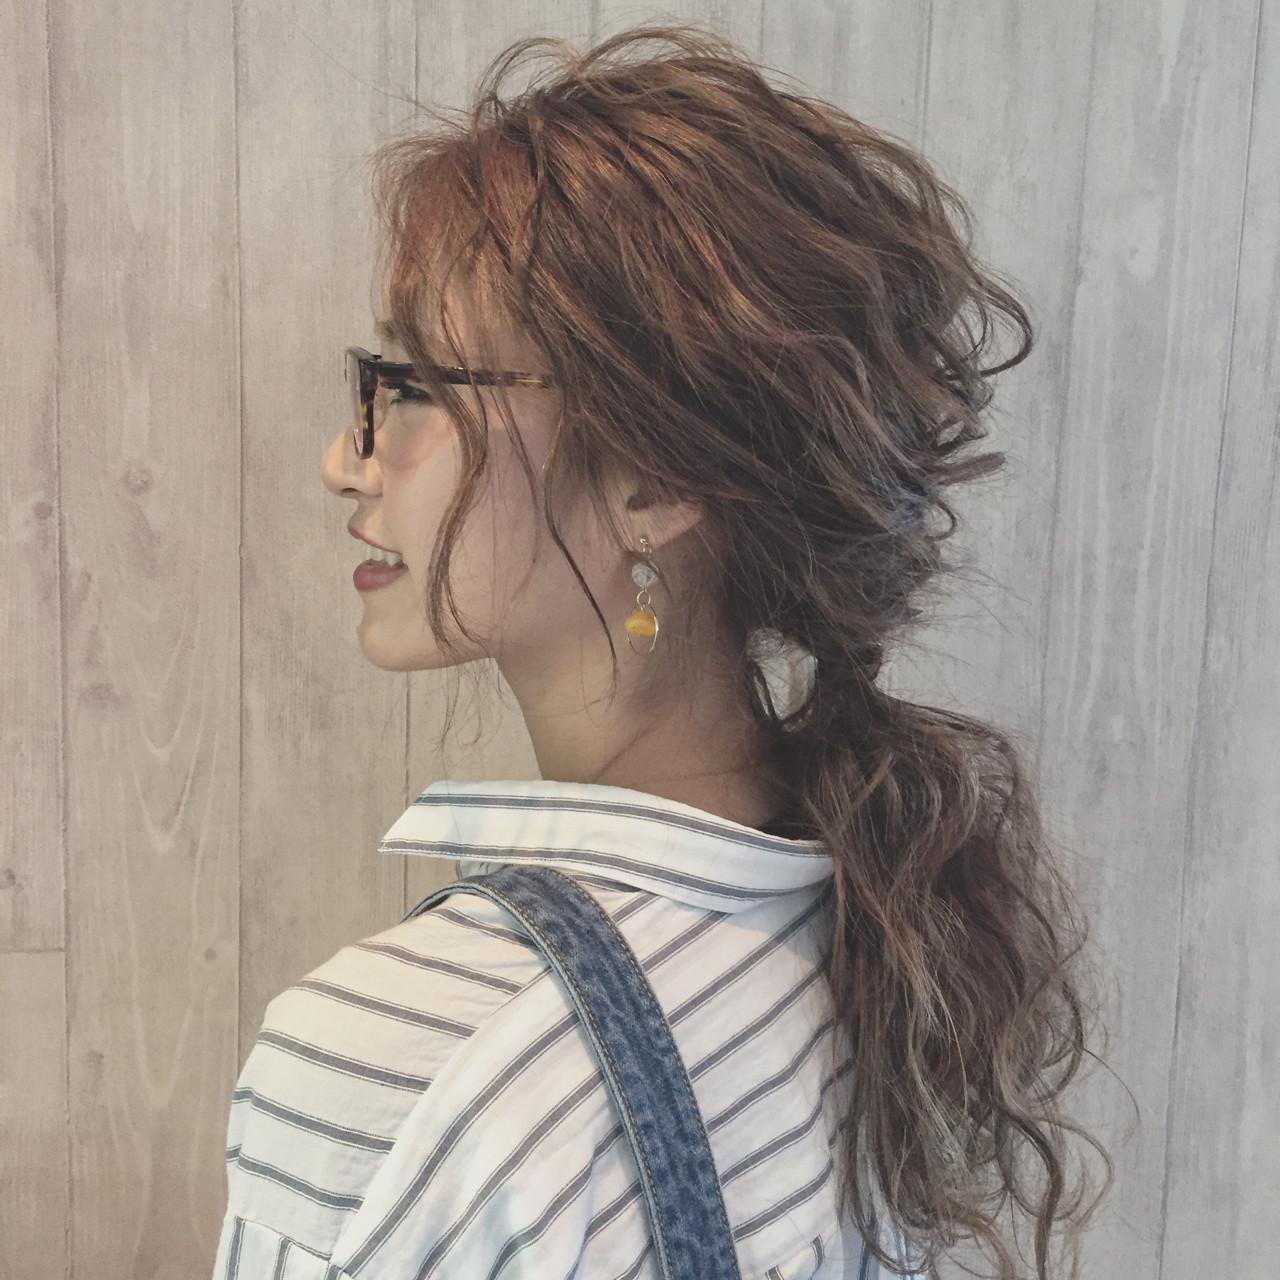 雰囲気が変わる!前髪アレンジでポニーテールをもっと可愛く見せちゃおう♪ 宮田 恵里香  igloo